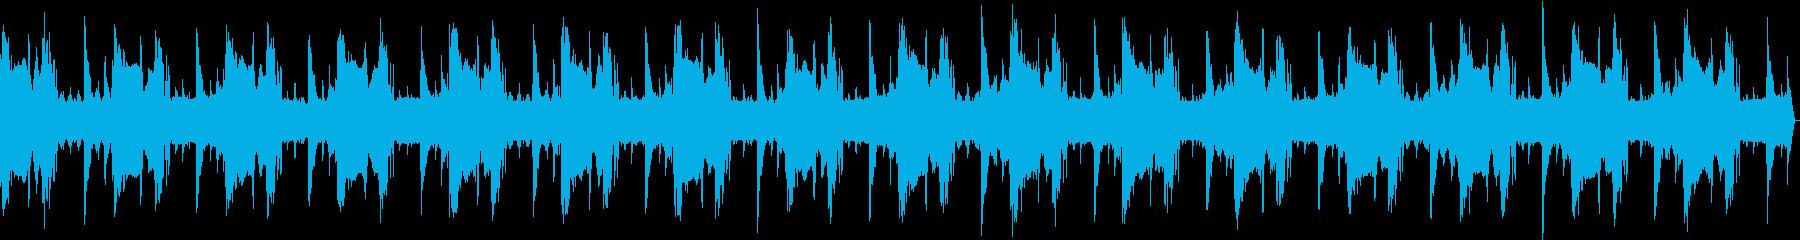 全体的に暗く緊迫感のあるBGMの再生済みの波形